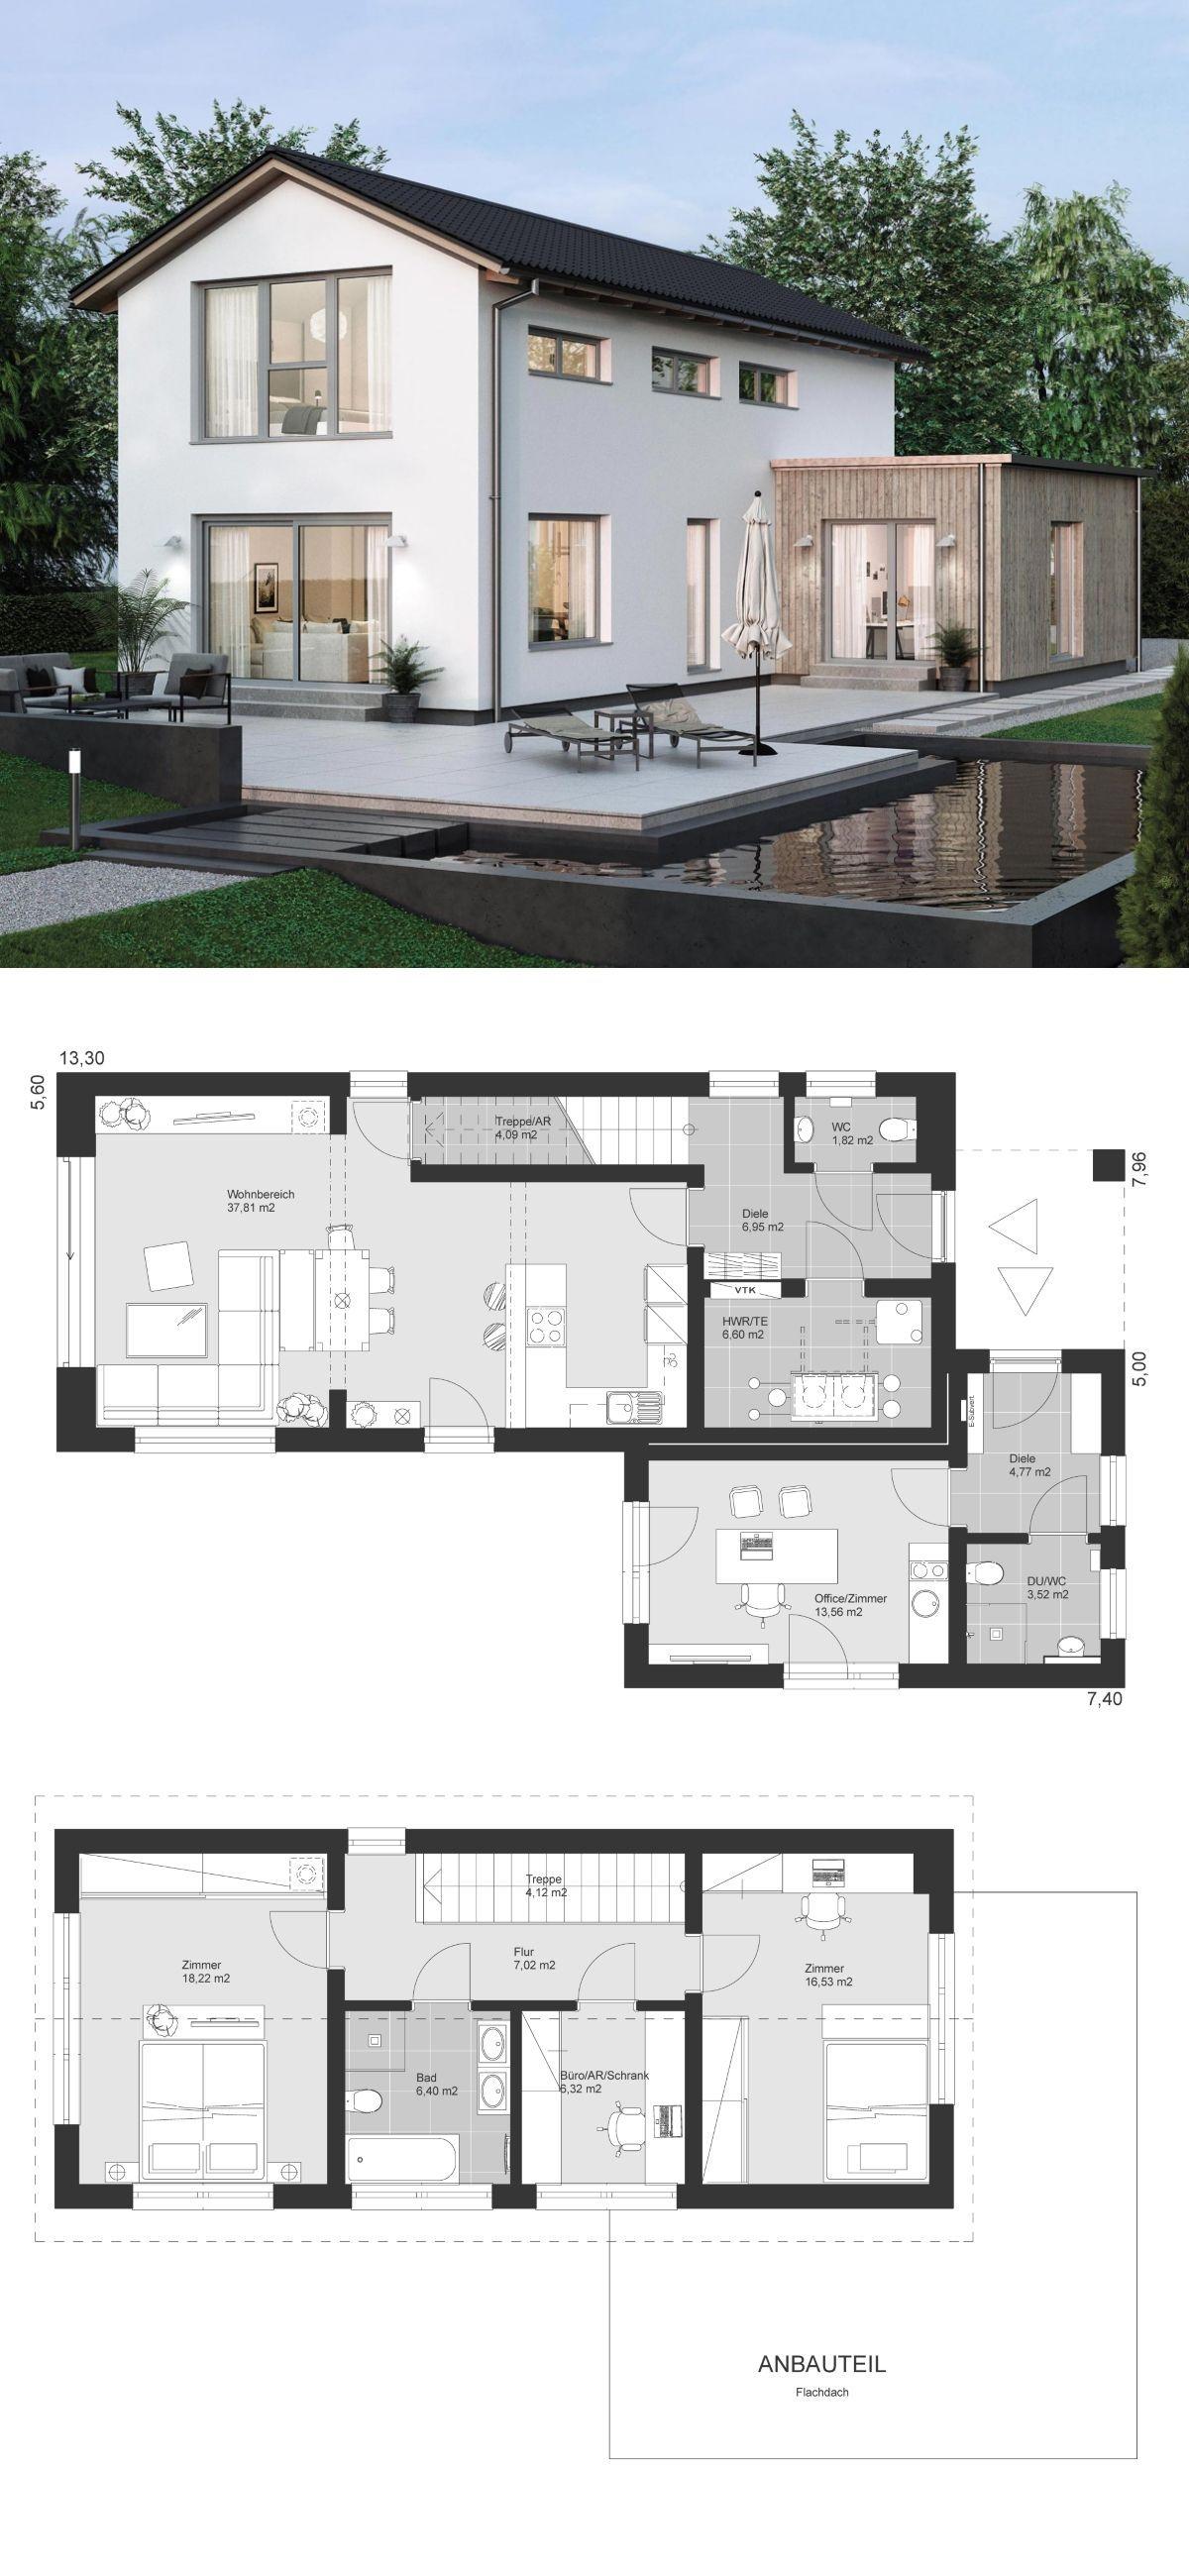 Einfamilienhaus modern Grundriss schmal mit Büro Anbau